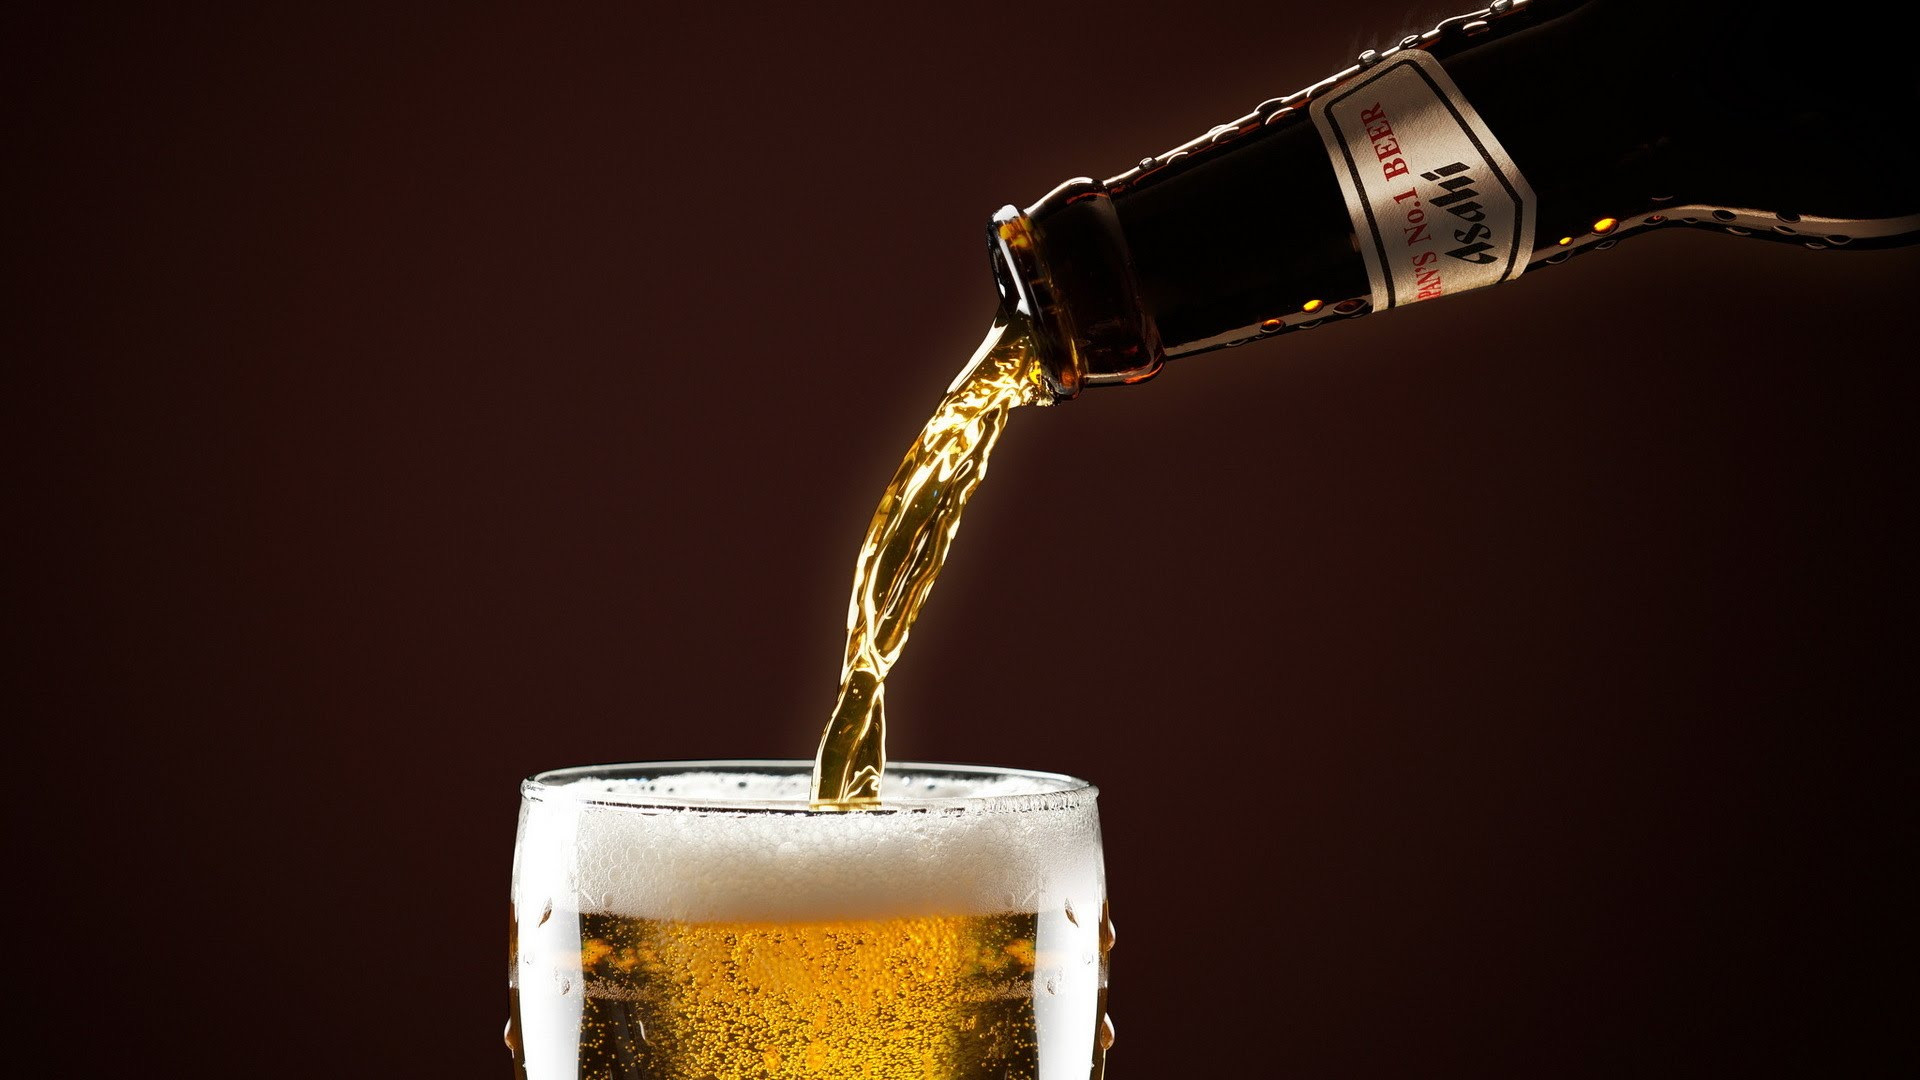 Пиво ивино понижают мужскую потенцию— Ученые